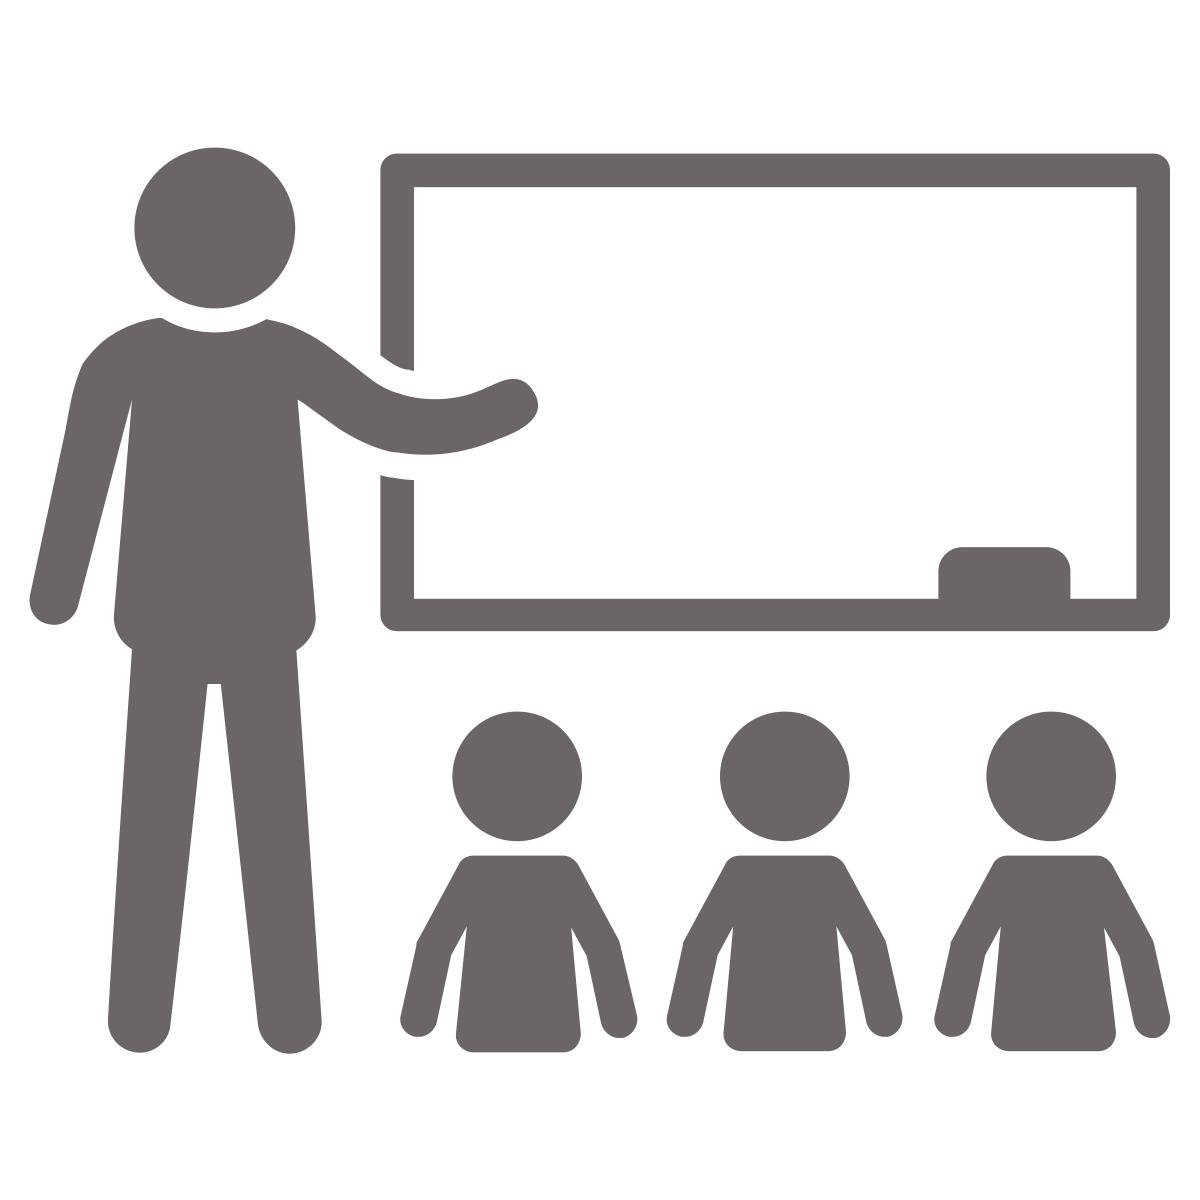 noun_classroom_1604137_6b6565.png